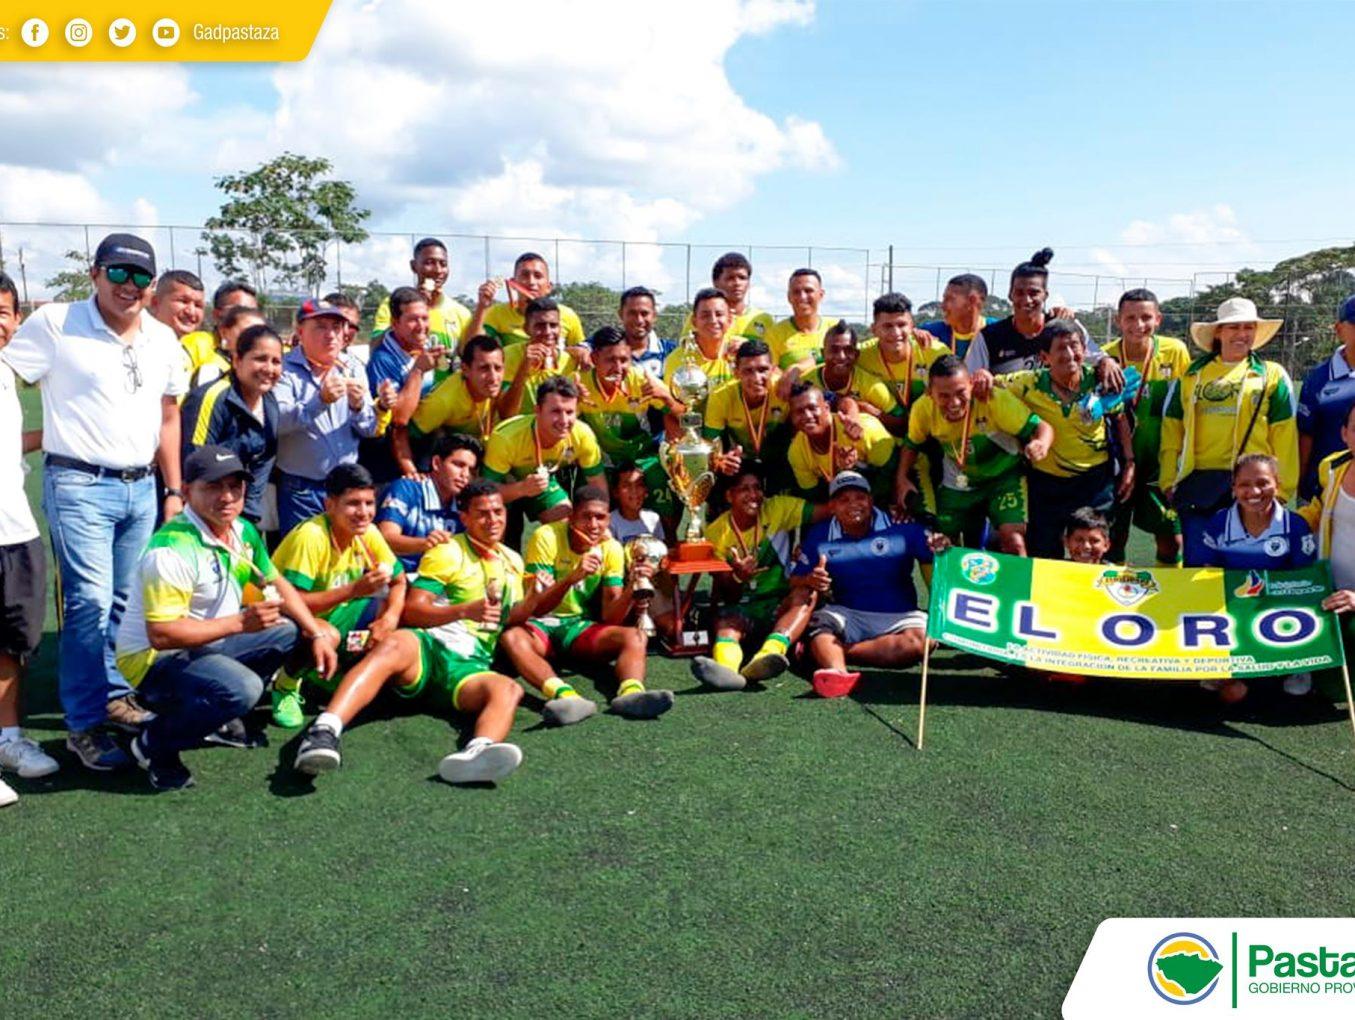 Se realizó la premiación a los equipos participantes del Campeonato Nacional de Fútbol Barrial organizado por la FEDENALIGAS.